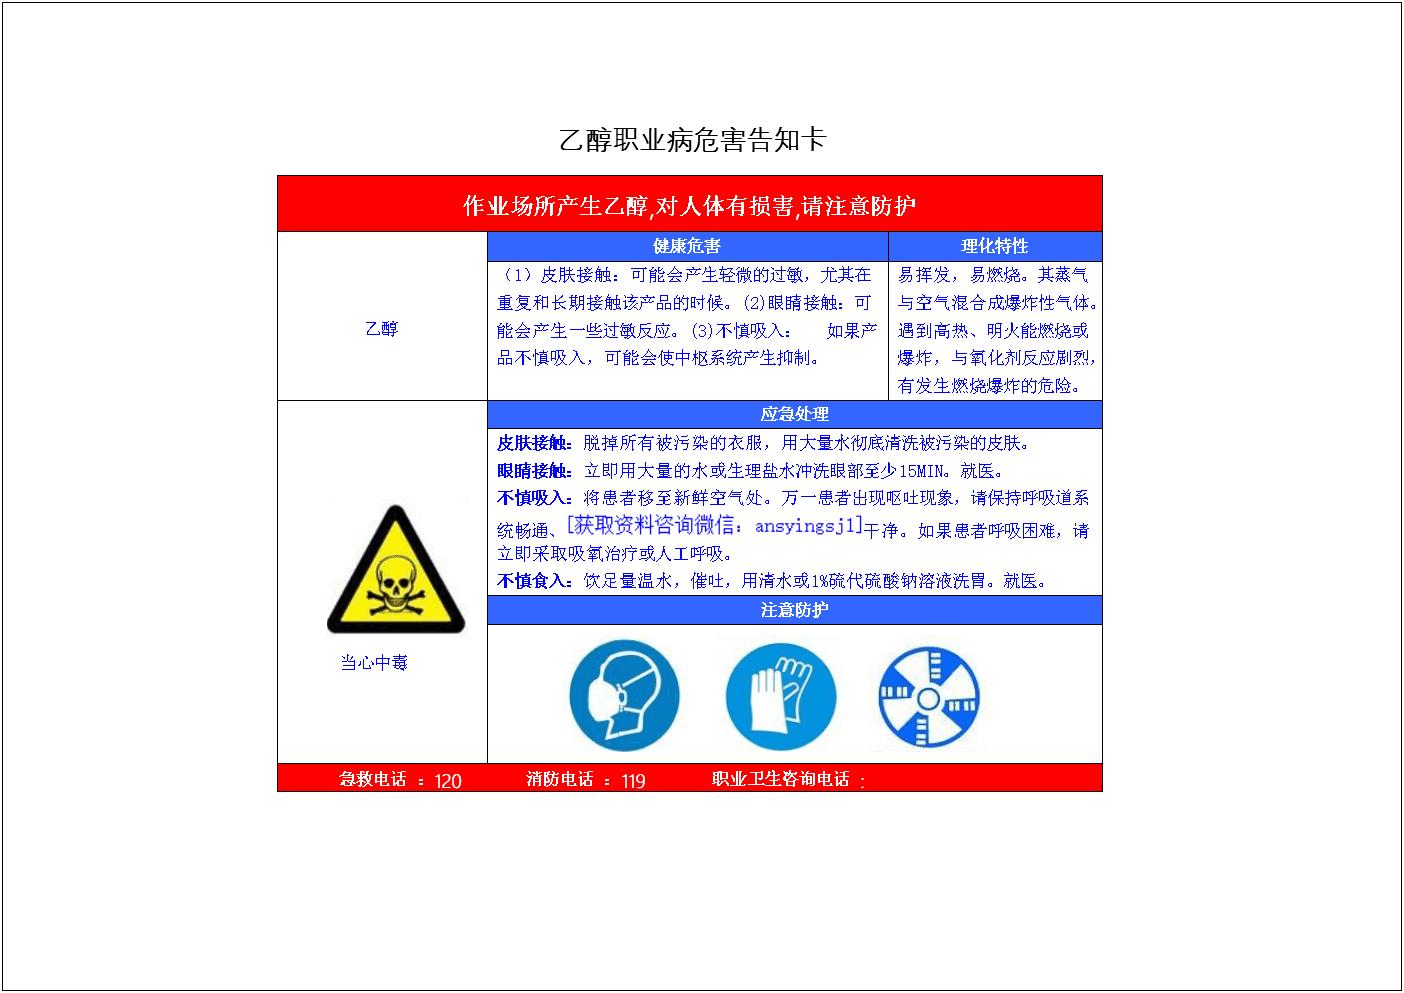 乙醇职业病危害告知卡(可编辑).docx